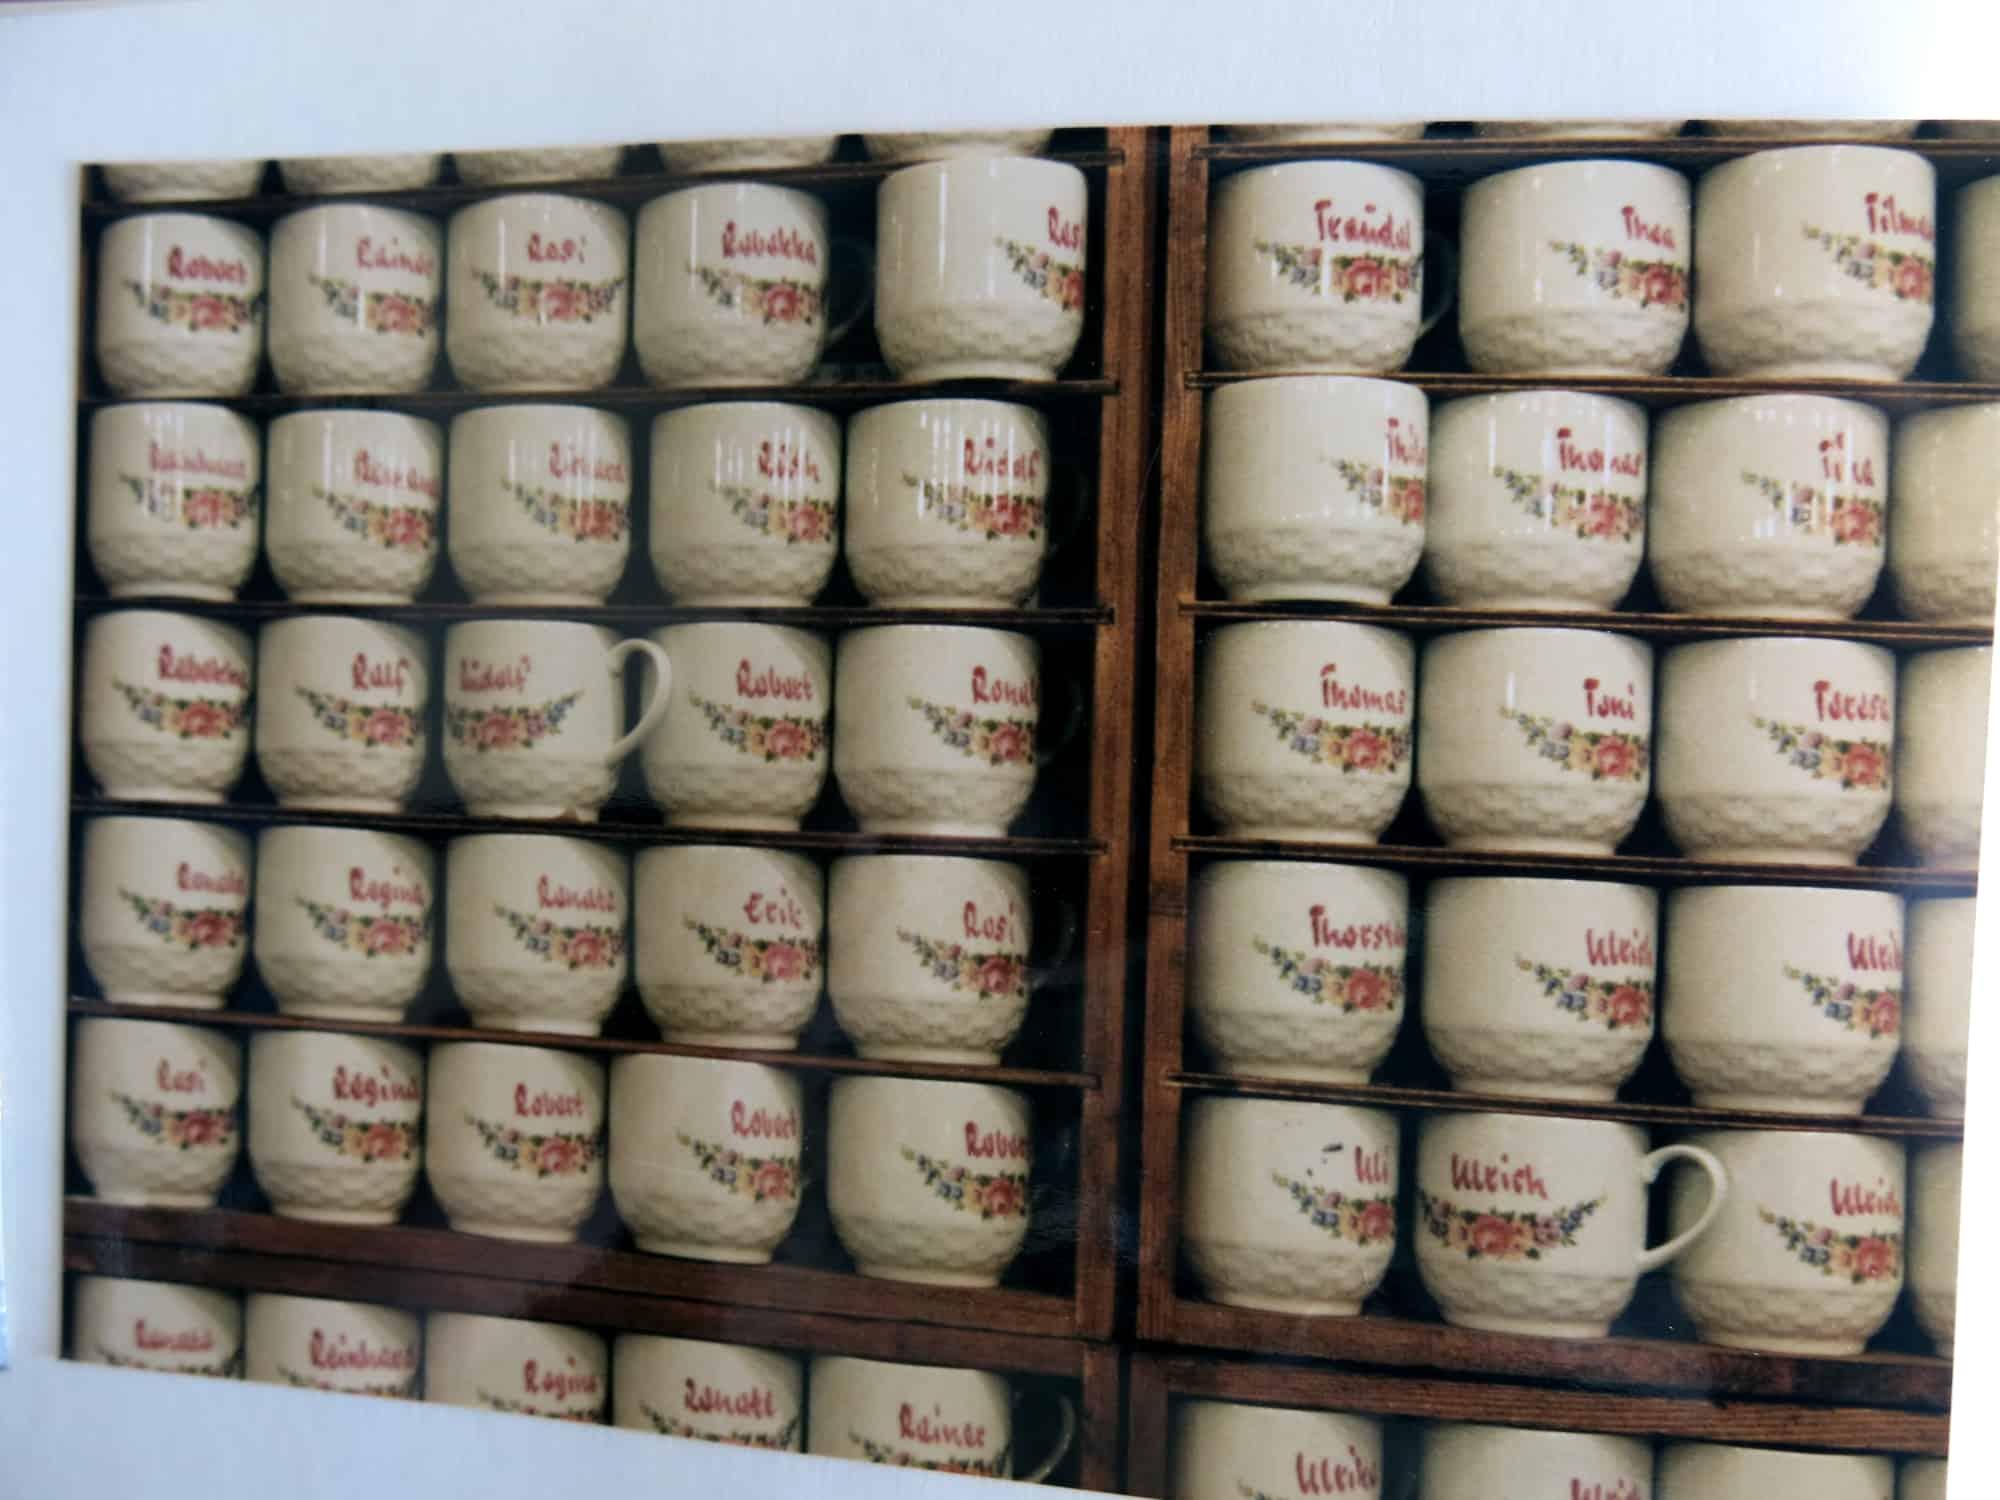 Porzellanstand Stuttgarter Weihnachtsmarkt Namenstasse mit roter Schrift und Körbchen